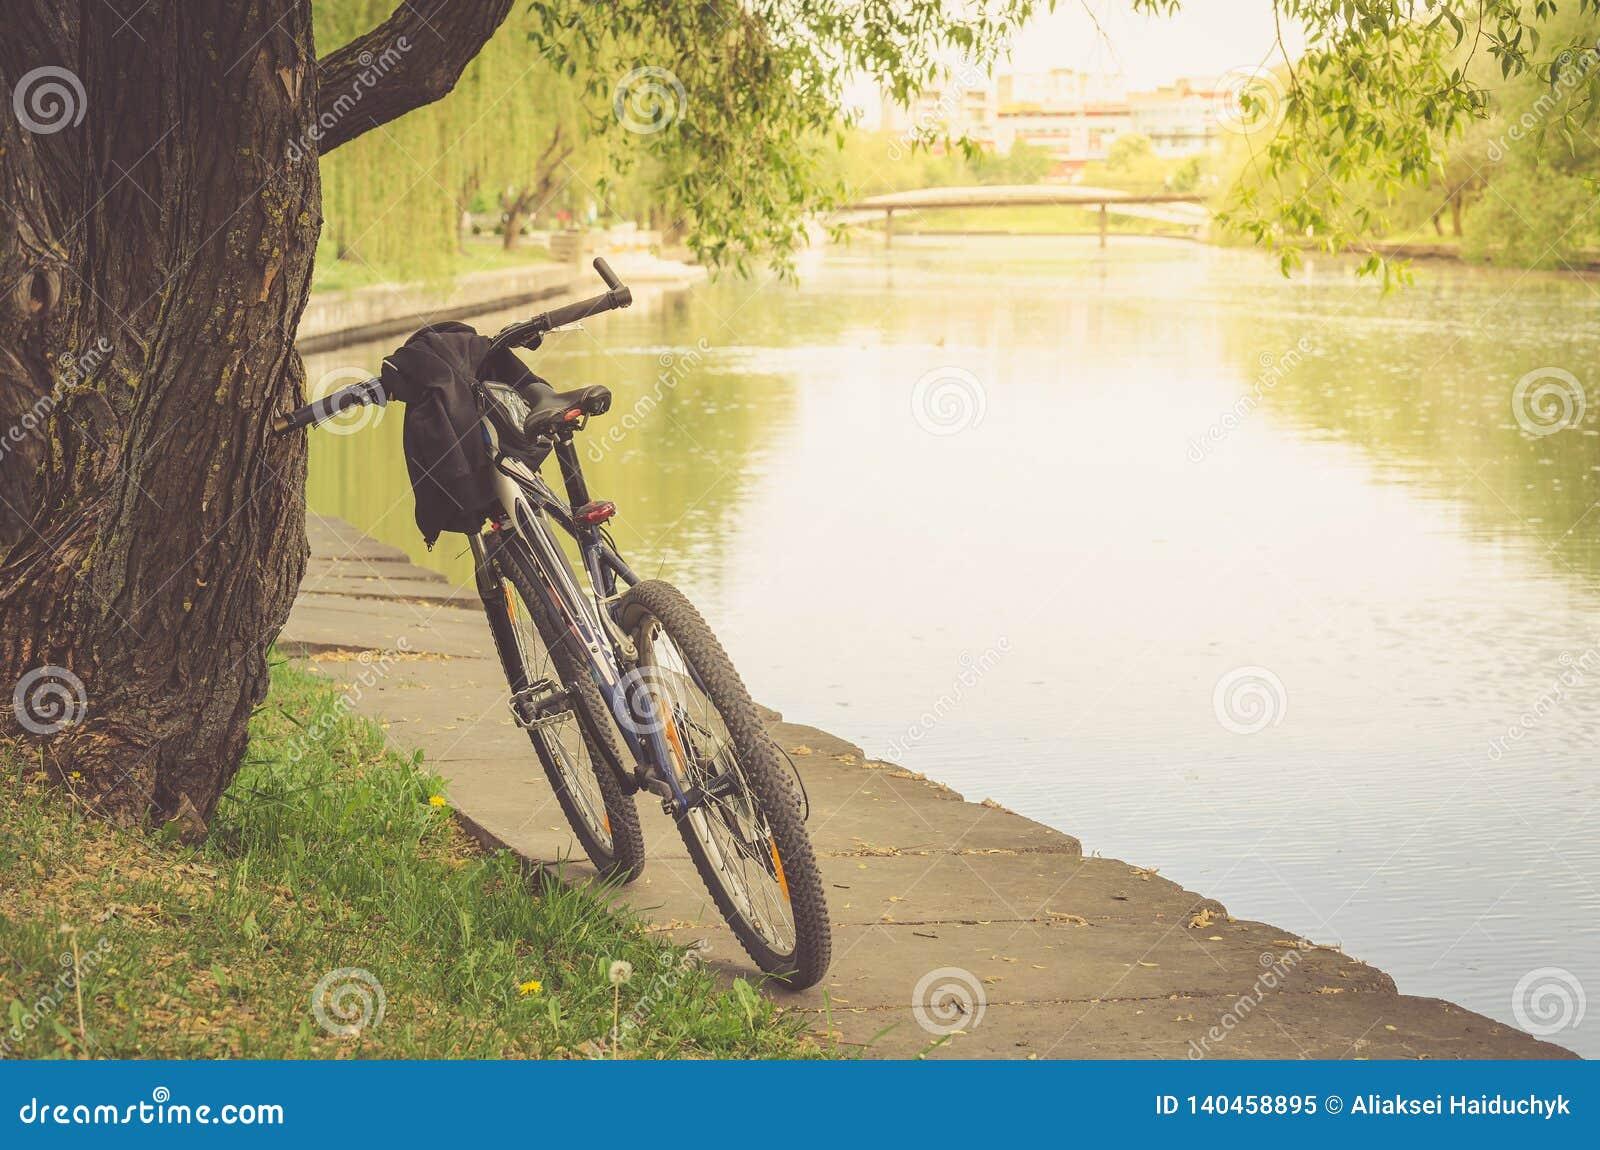 След велосипеда в парке около реки/прогулки велосипедом около реки